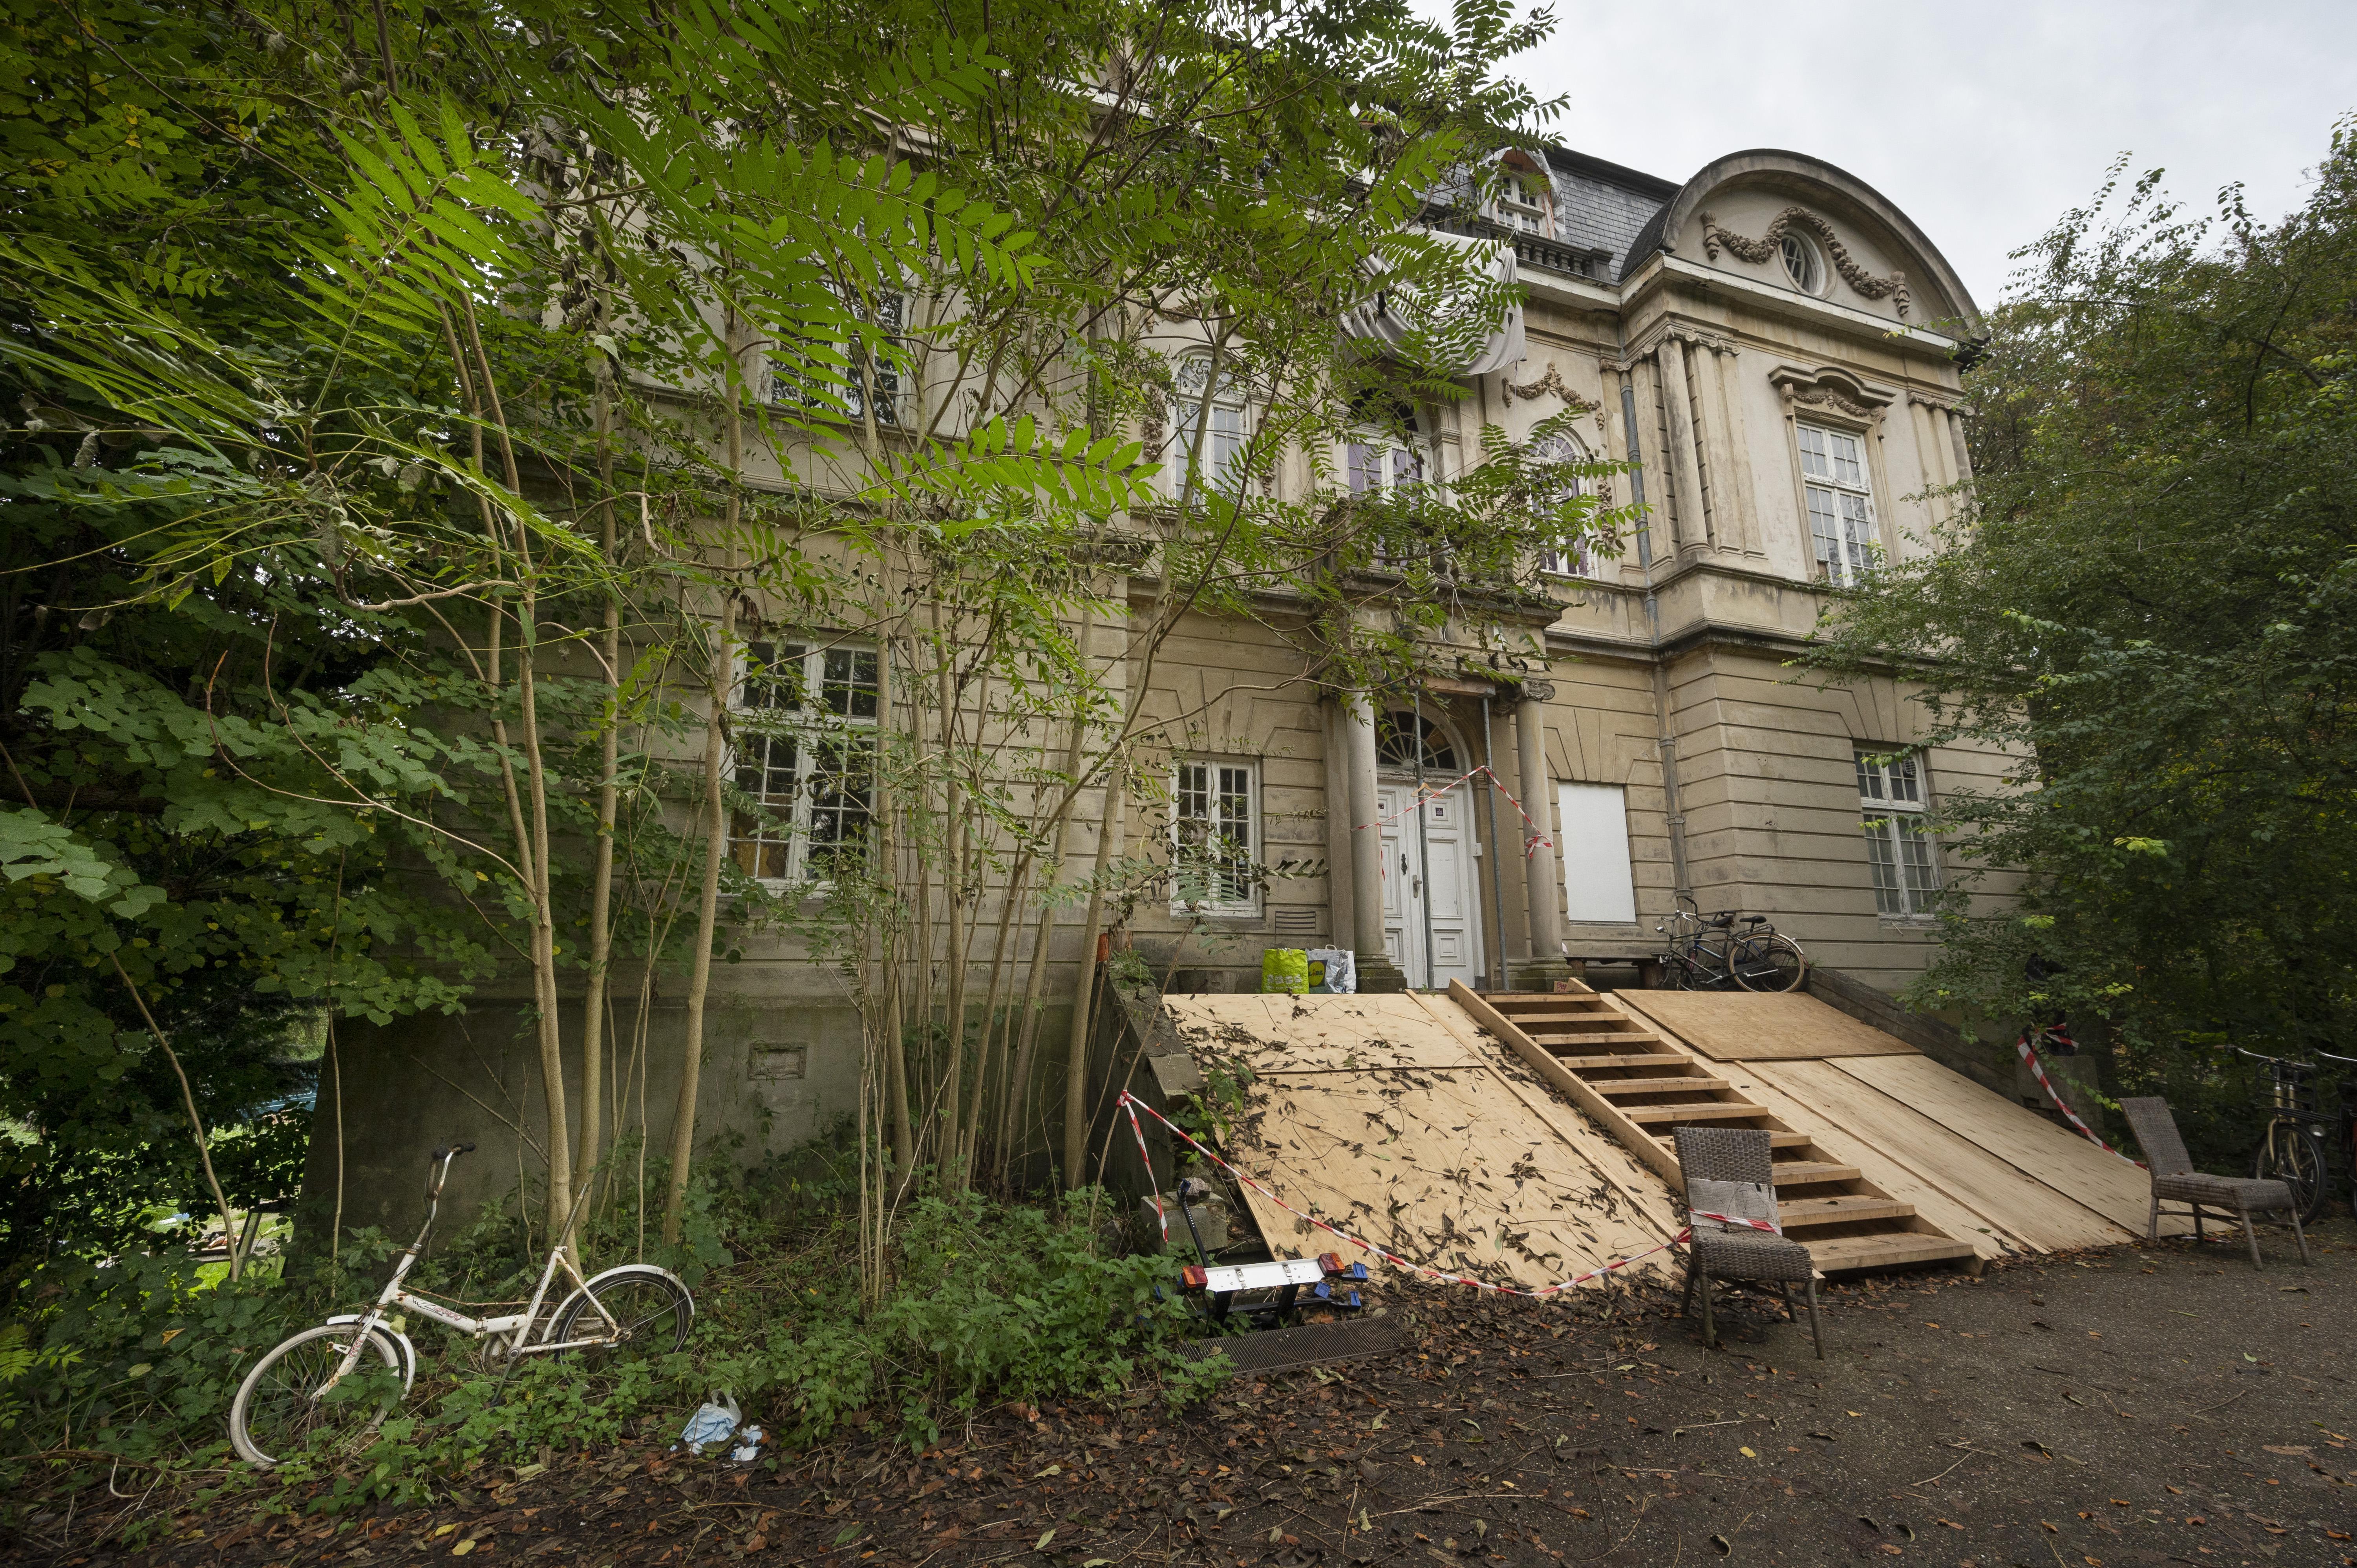 Wassenaar legt restauratie Huize Ivicke stil na tussenkomst milieu-inspectie: 'Eerst een onderzoek naar vleermuizen'